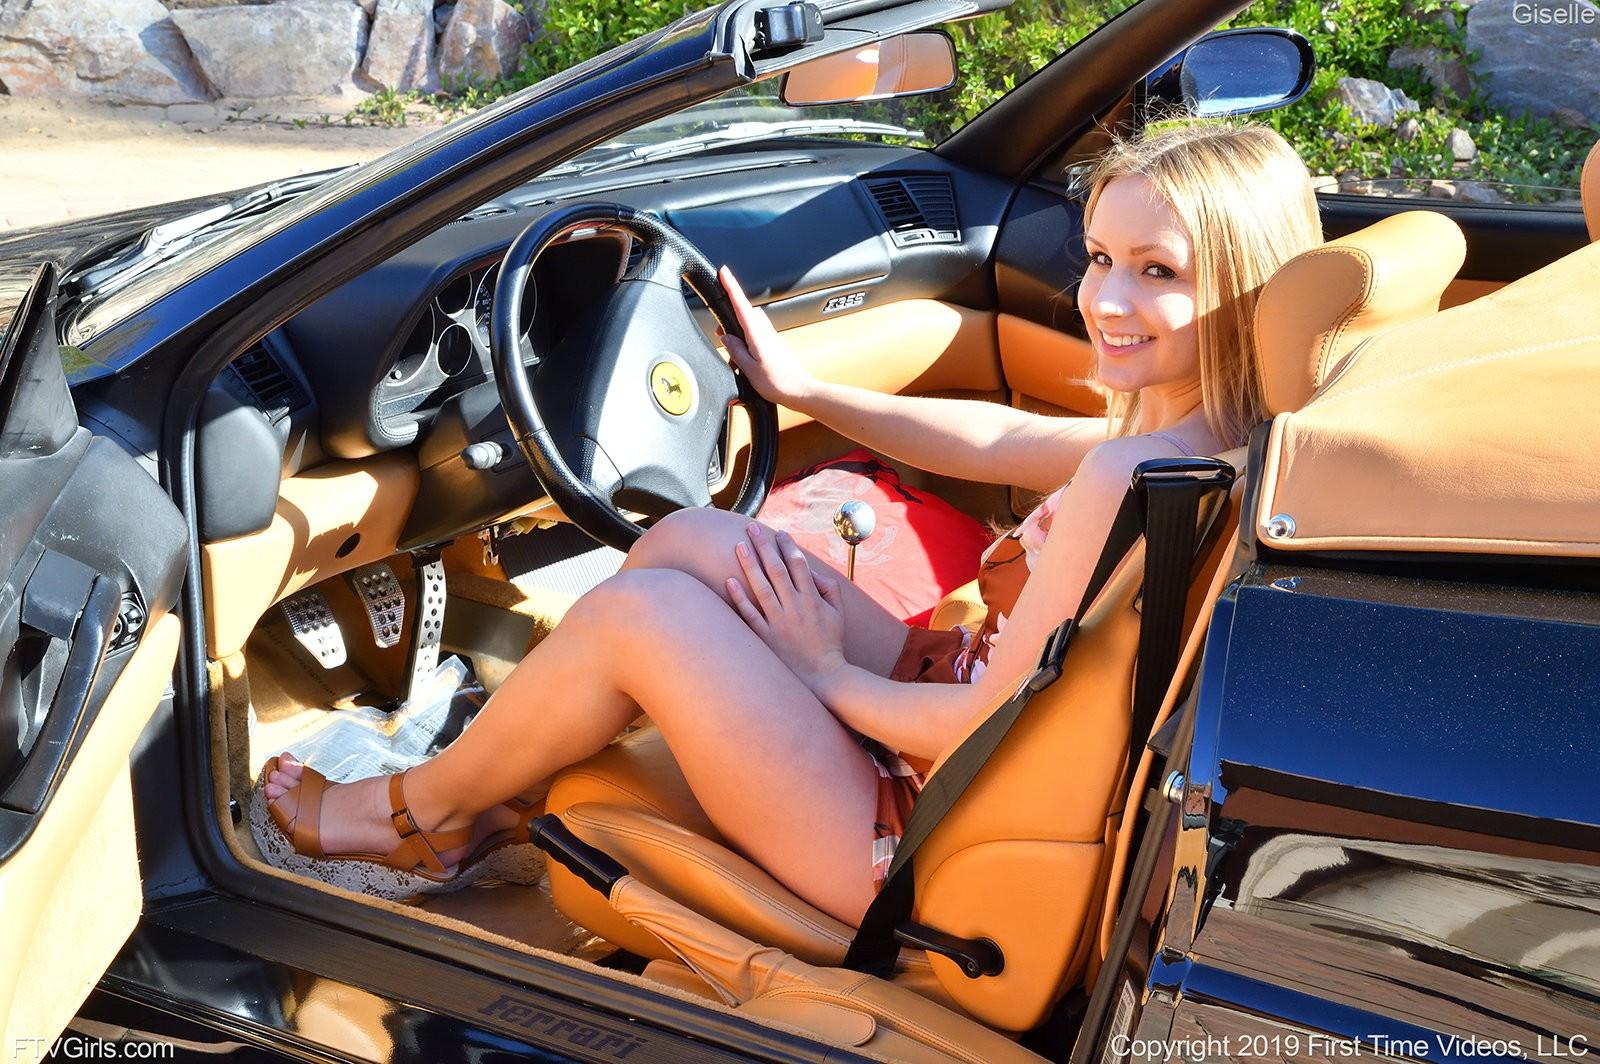 Блондинка в комбинезоне показала промежность - фото